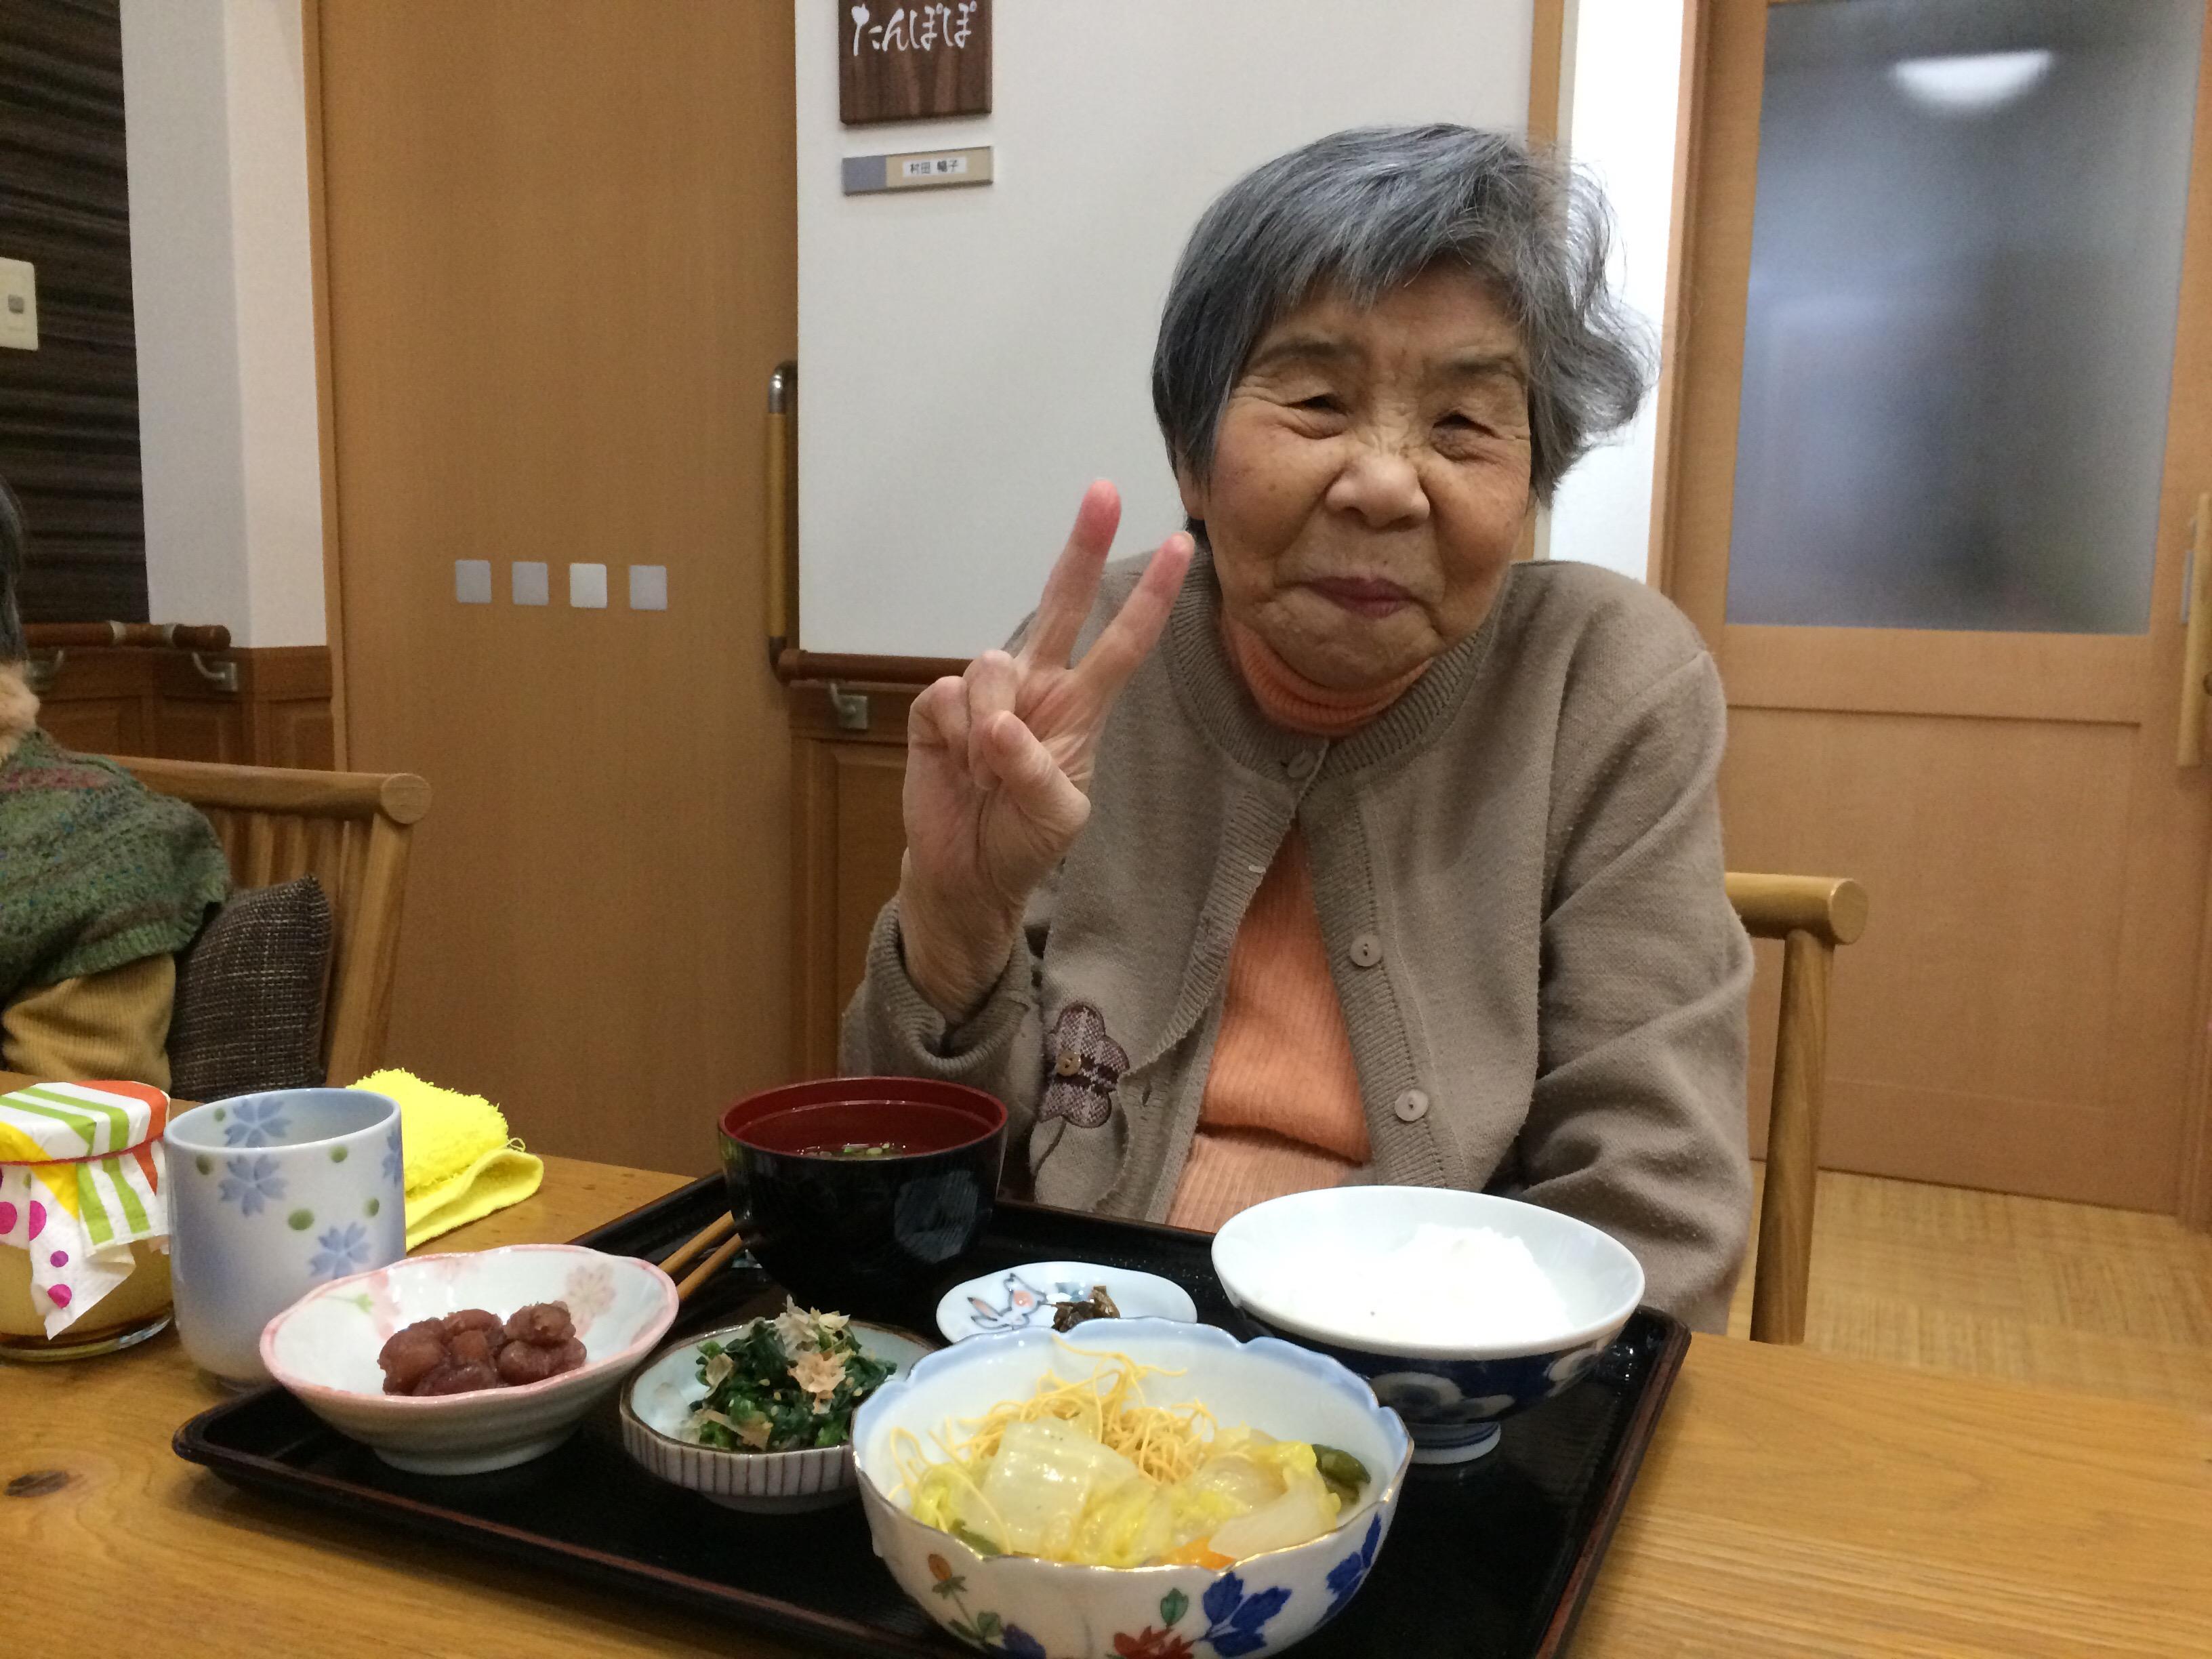 img 0106 - 笑う門にはさくら館🌸の晩御飯